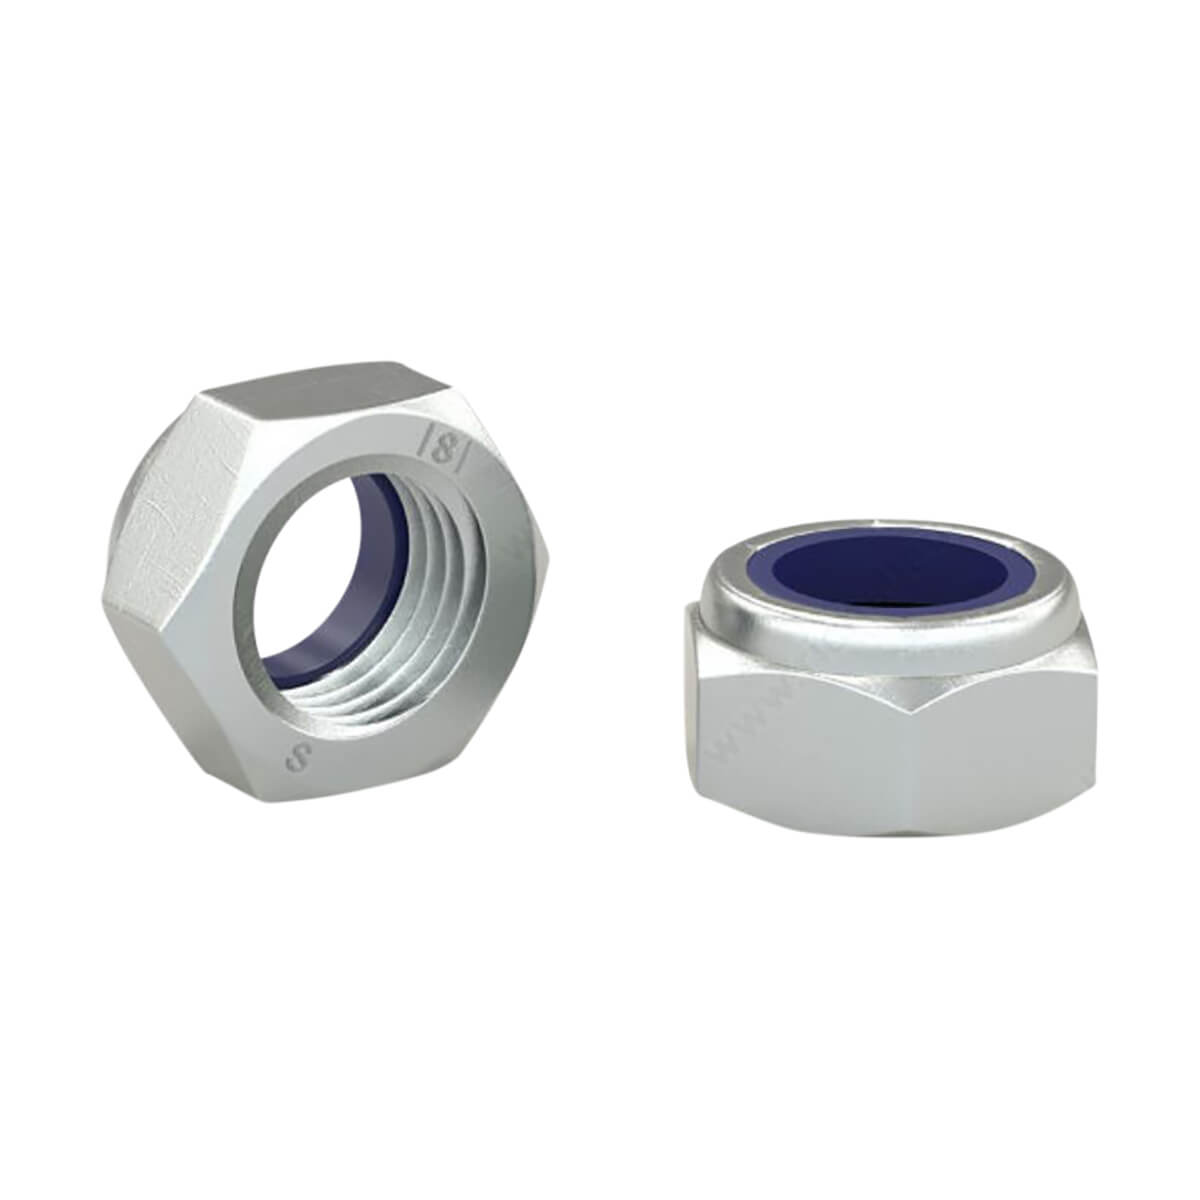 Hex Lock Nut - Metric - M10 - 2 Pack